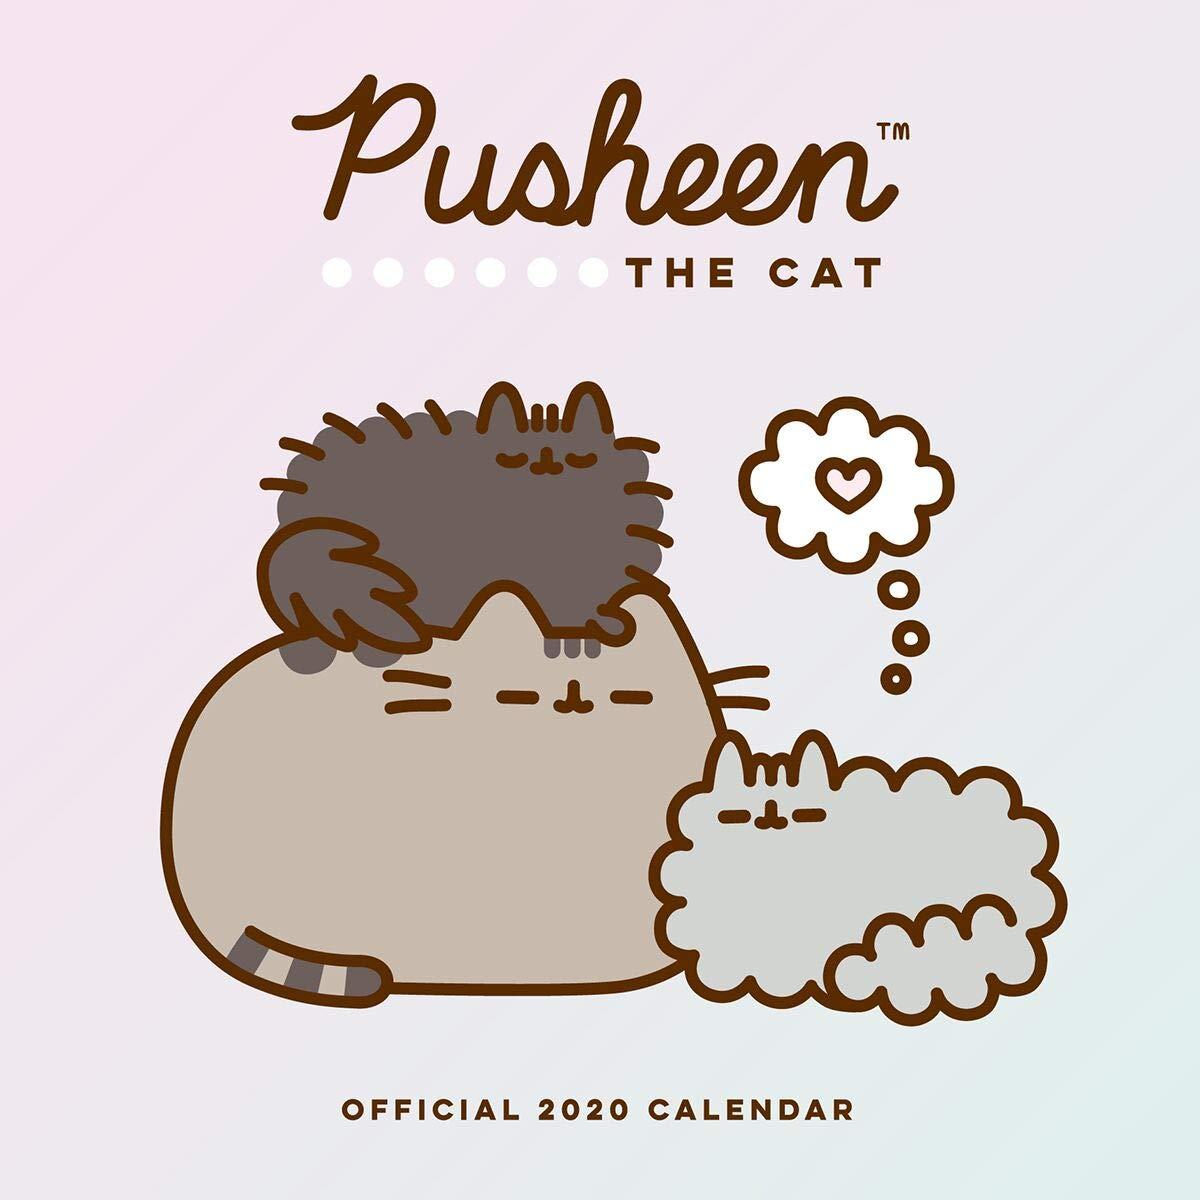 Pusheen 2020 Calendar - Official Square Wall Format Calendar ...